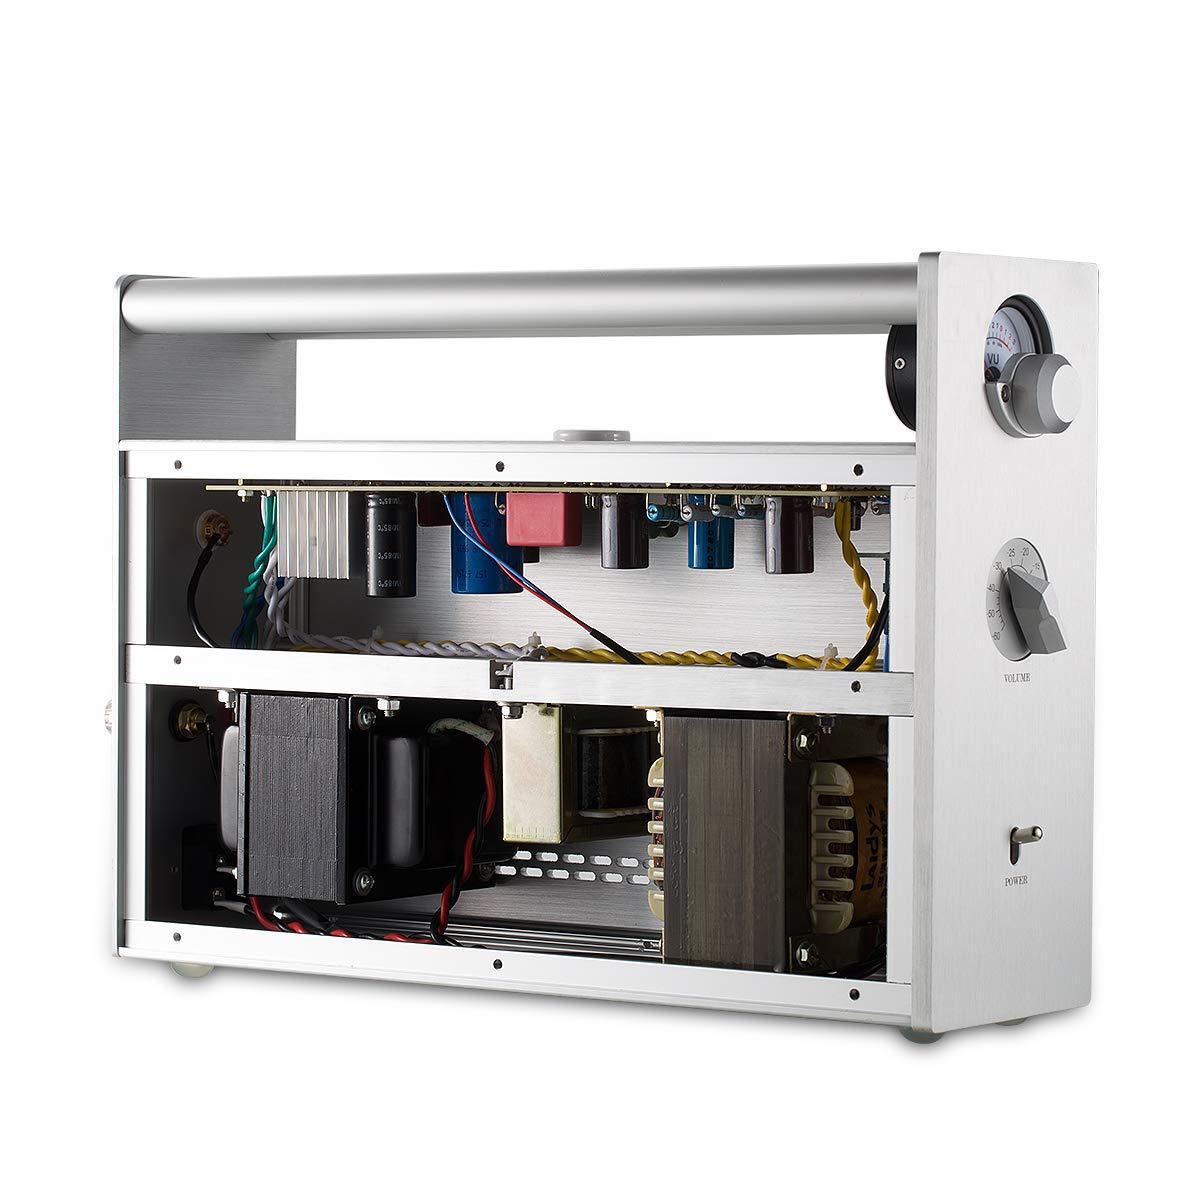 新品 Nobsound 300B Monoblock 真空管アンプ 内蔵アンプ A級 HiFi パワーアンプ オーディオアンプ バルブアンプ (SKU:DJ467-JJテスラ300B)_画像6